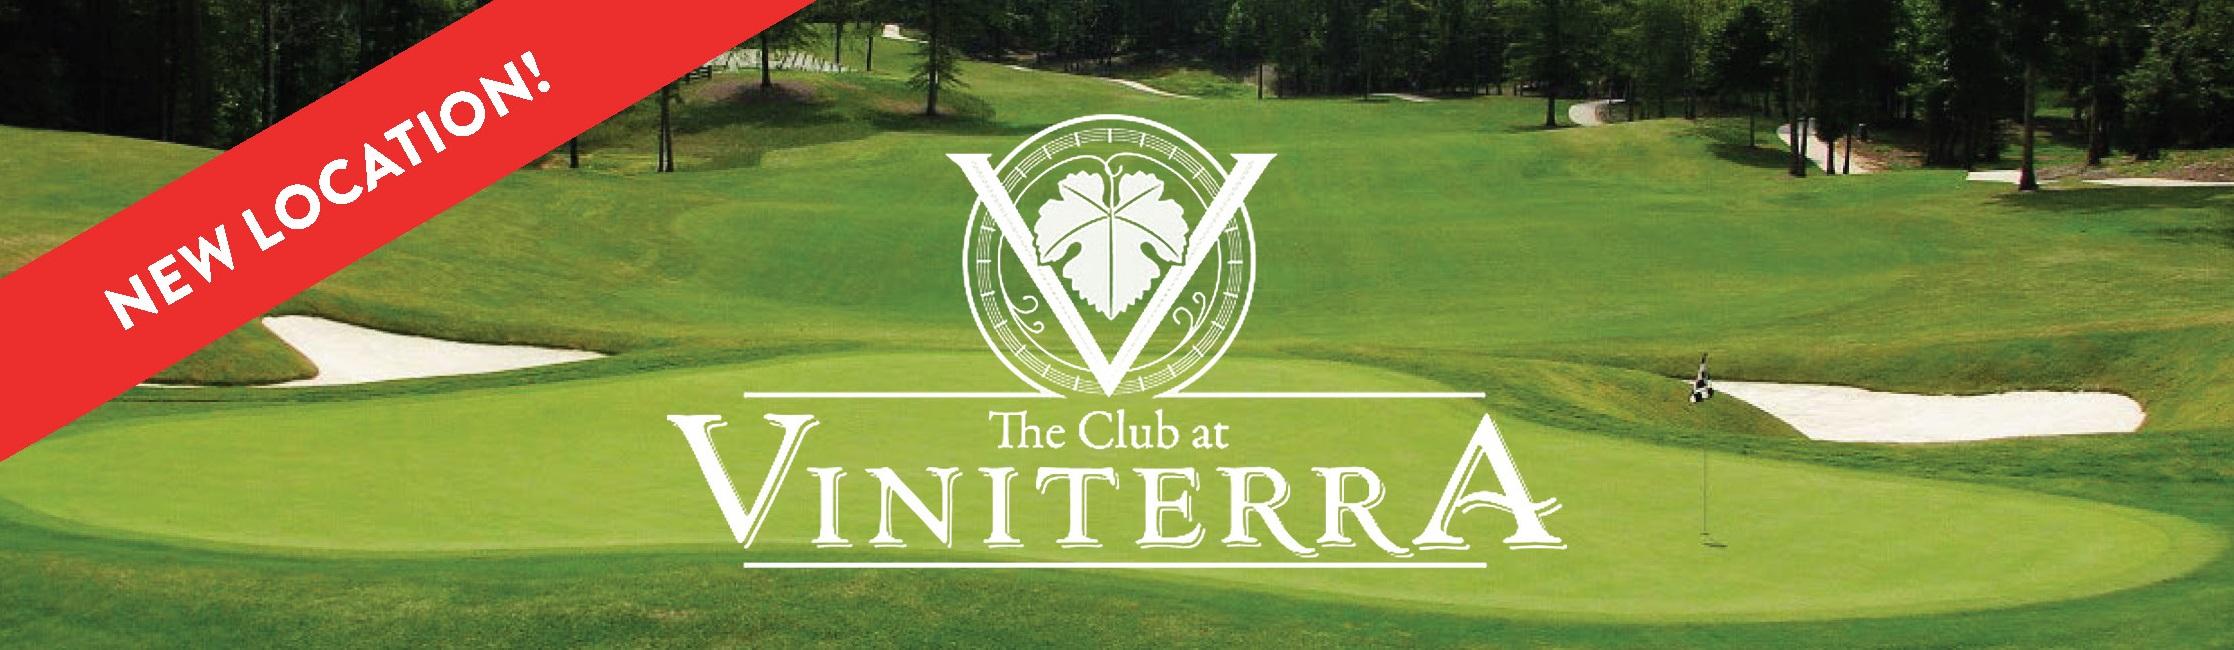 VHBG Golf Classic at The Club at Viniterra